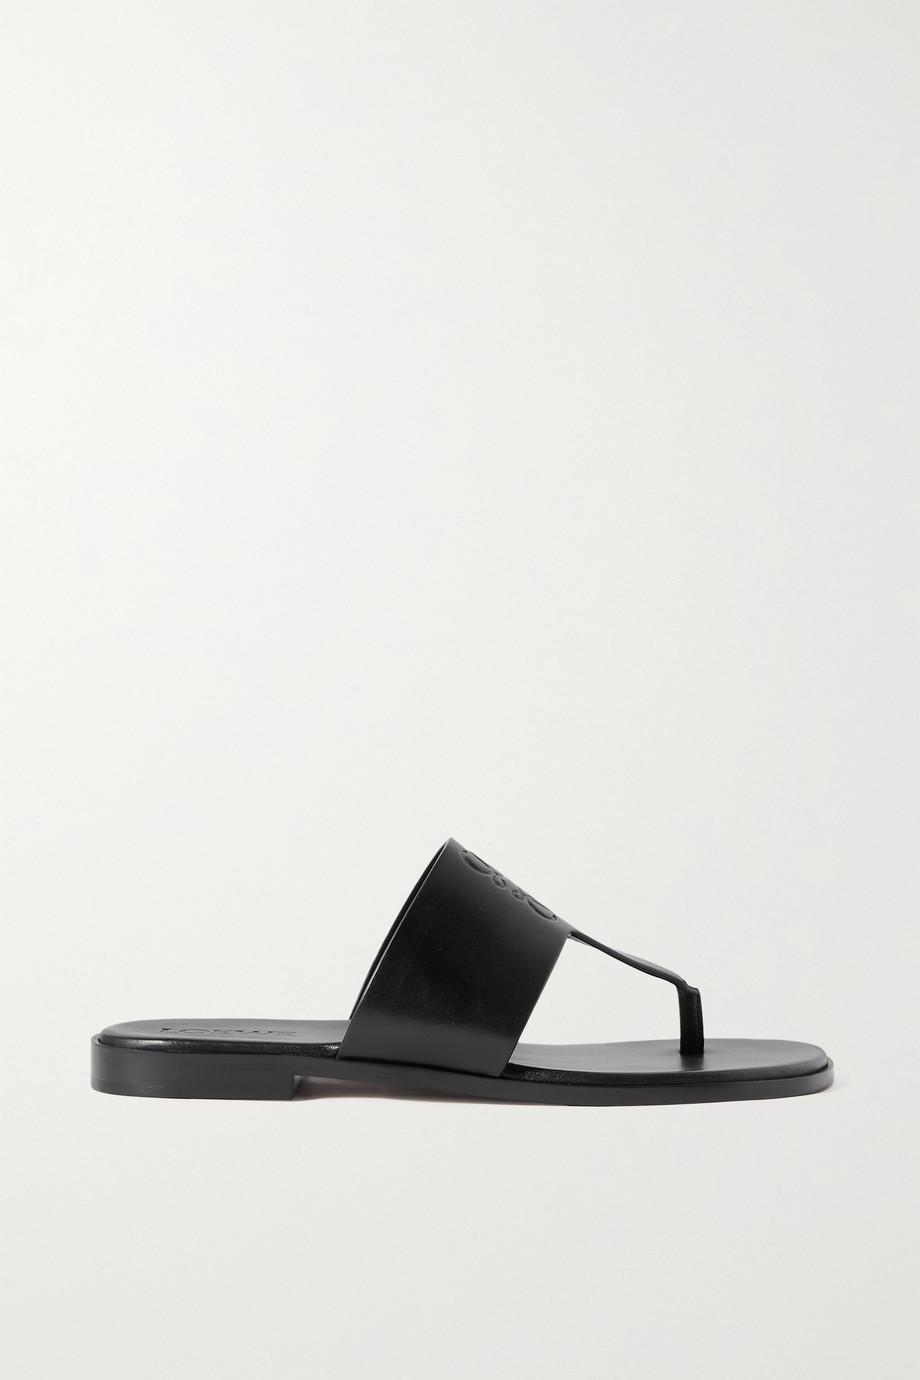 Loewe + Paula's Ibiza logo-debossed leather sandals